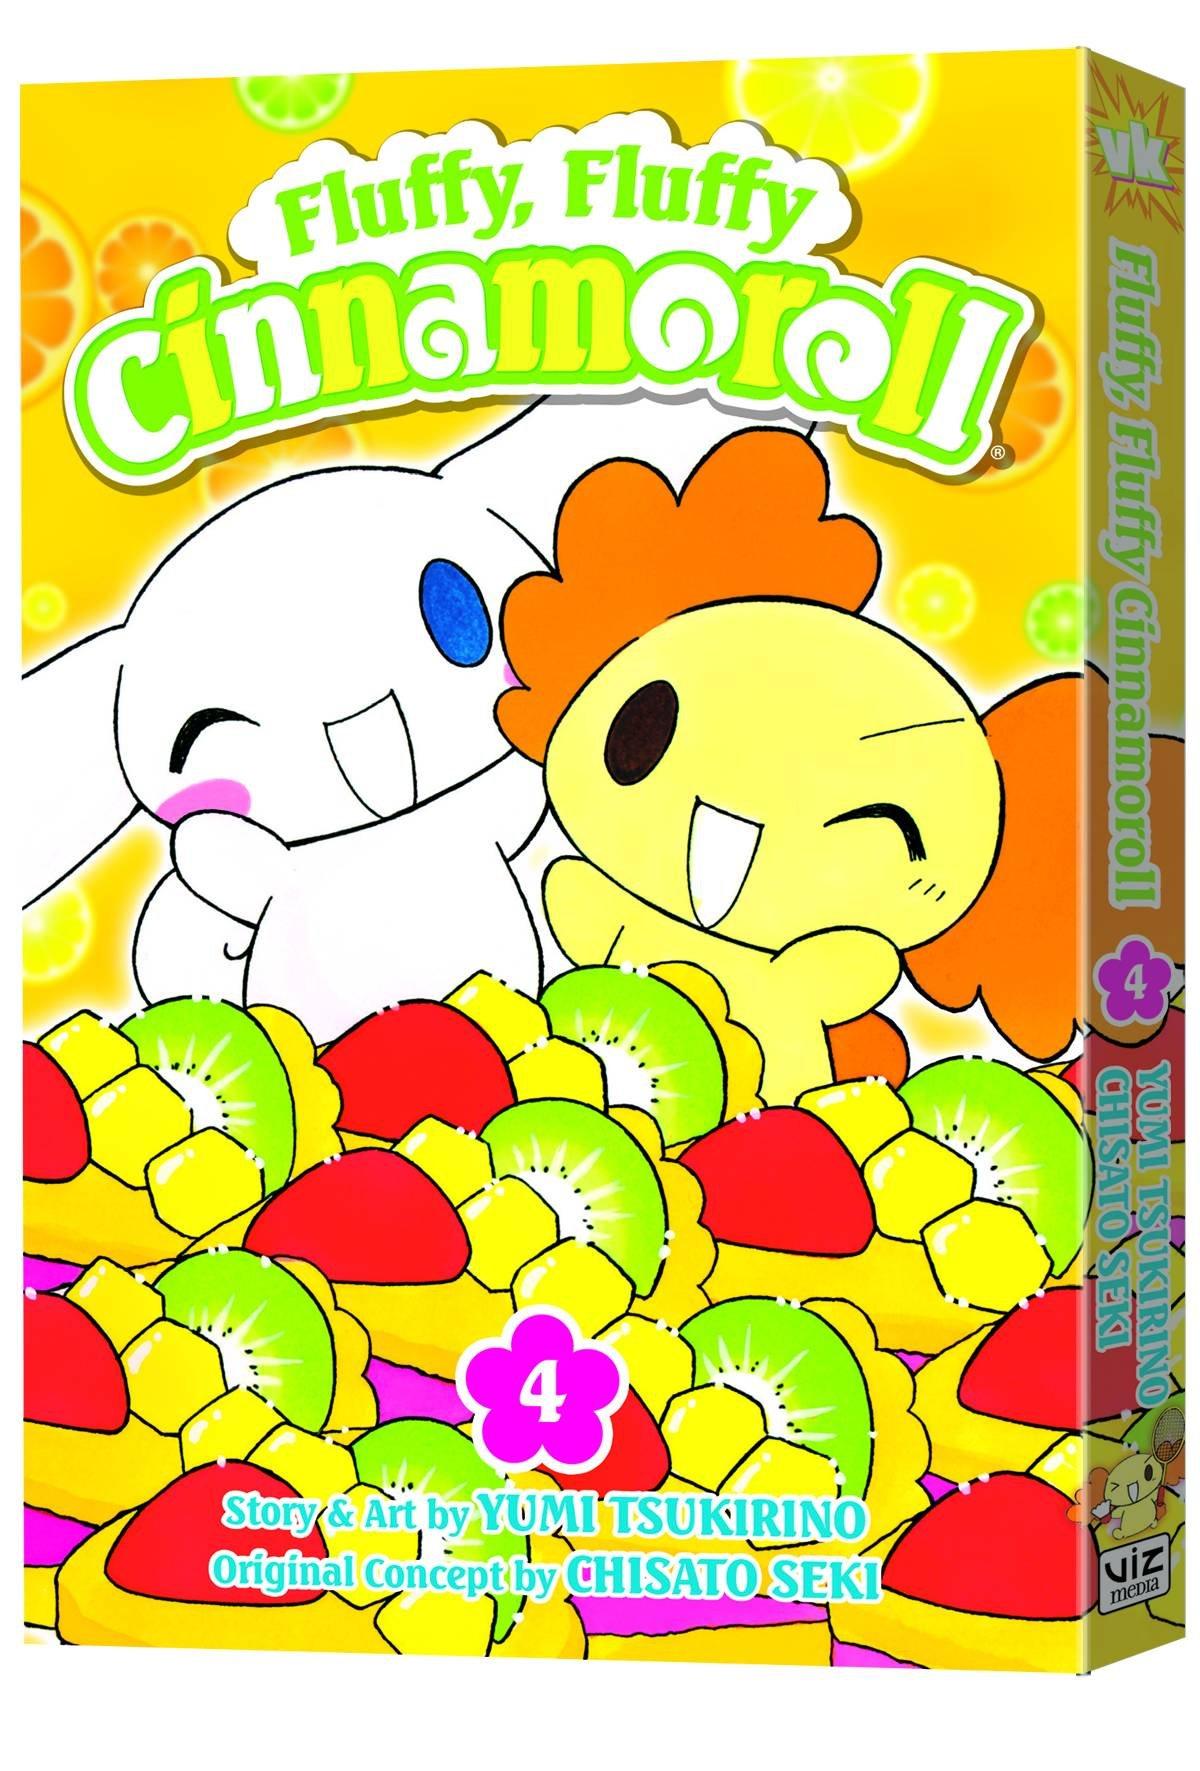 Fluffy, Fluffy Cinnamoroll, Vol. 5